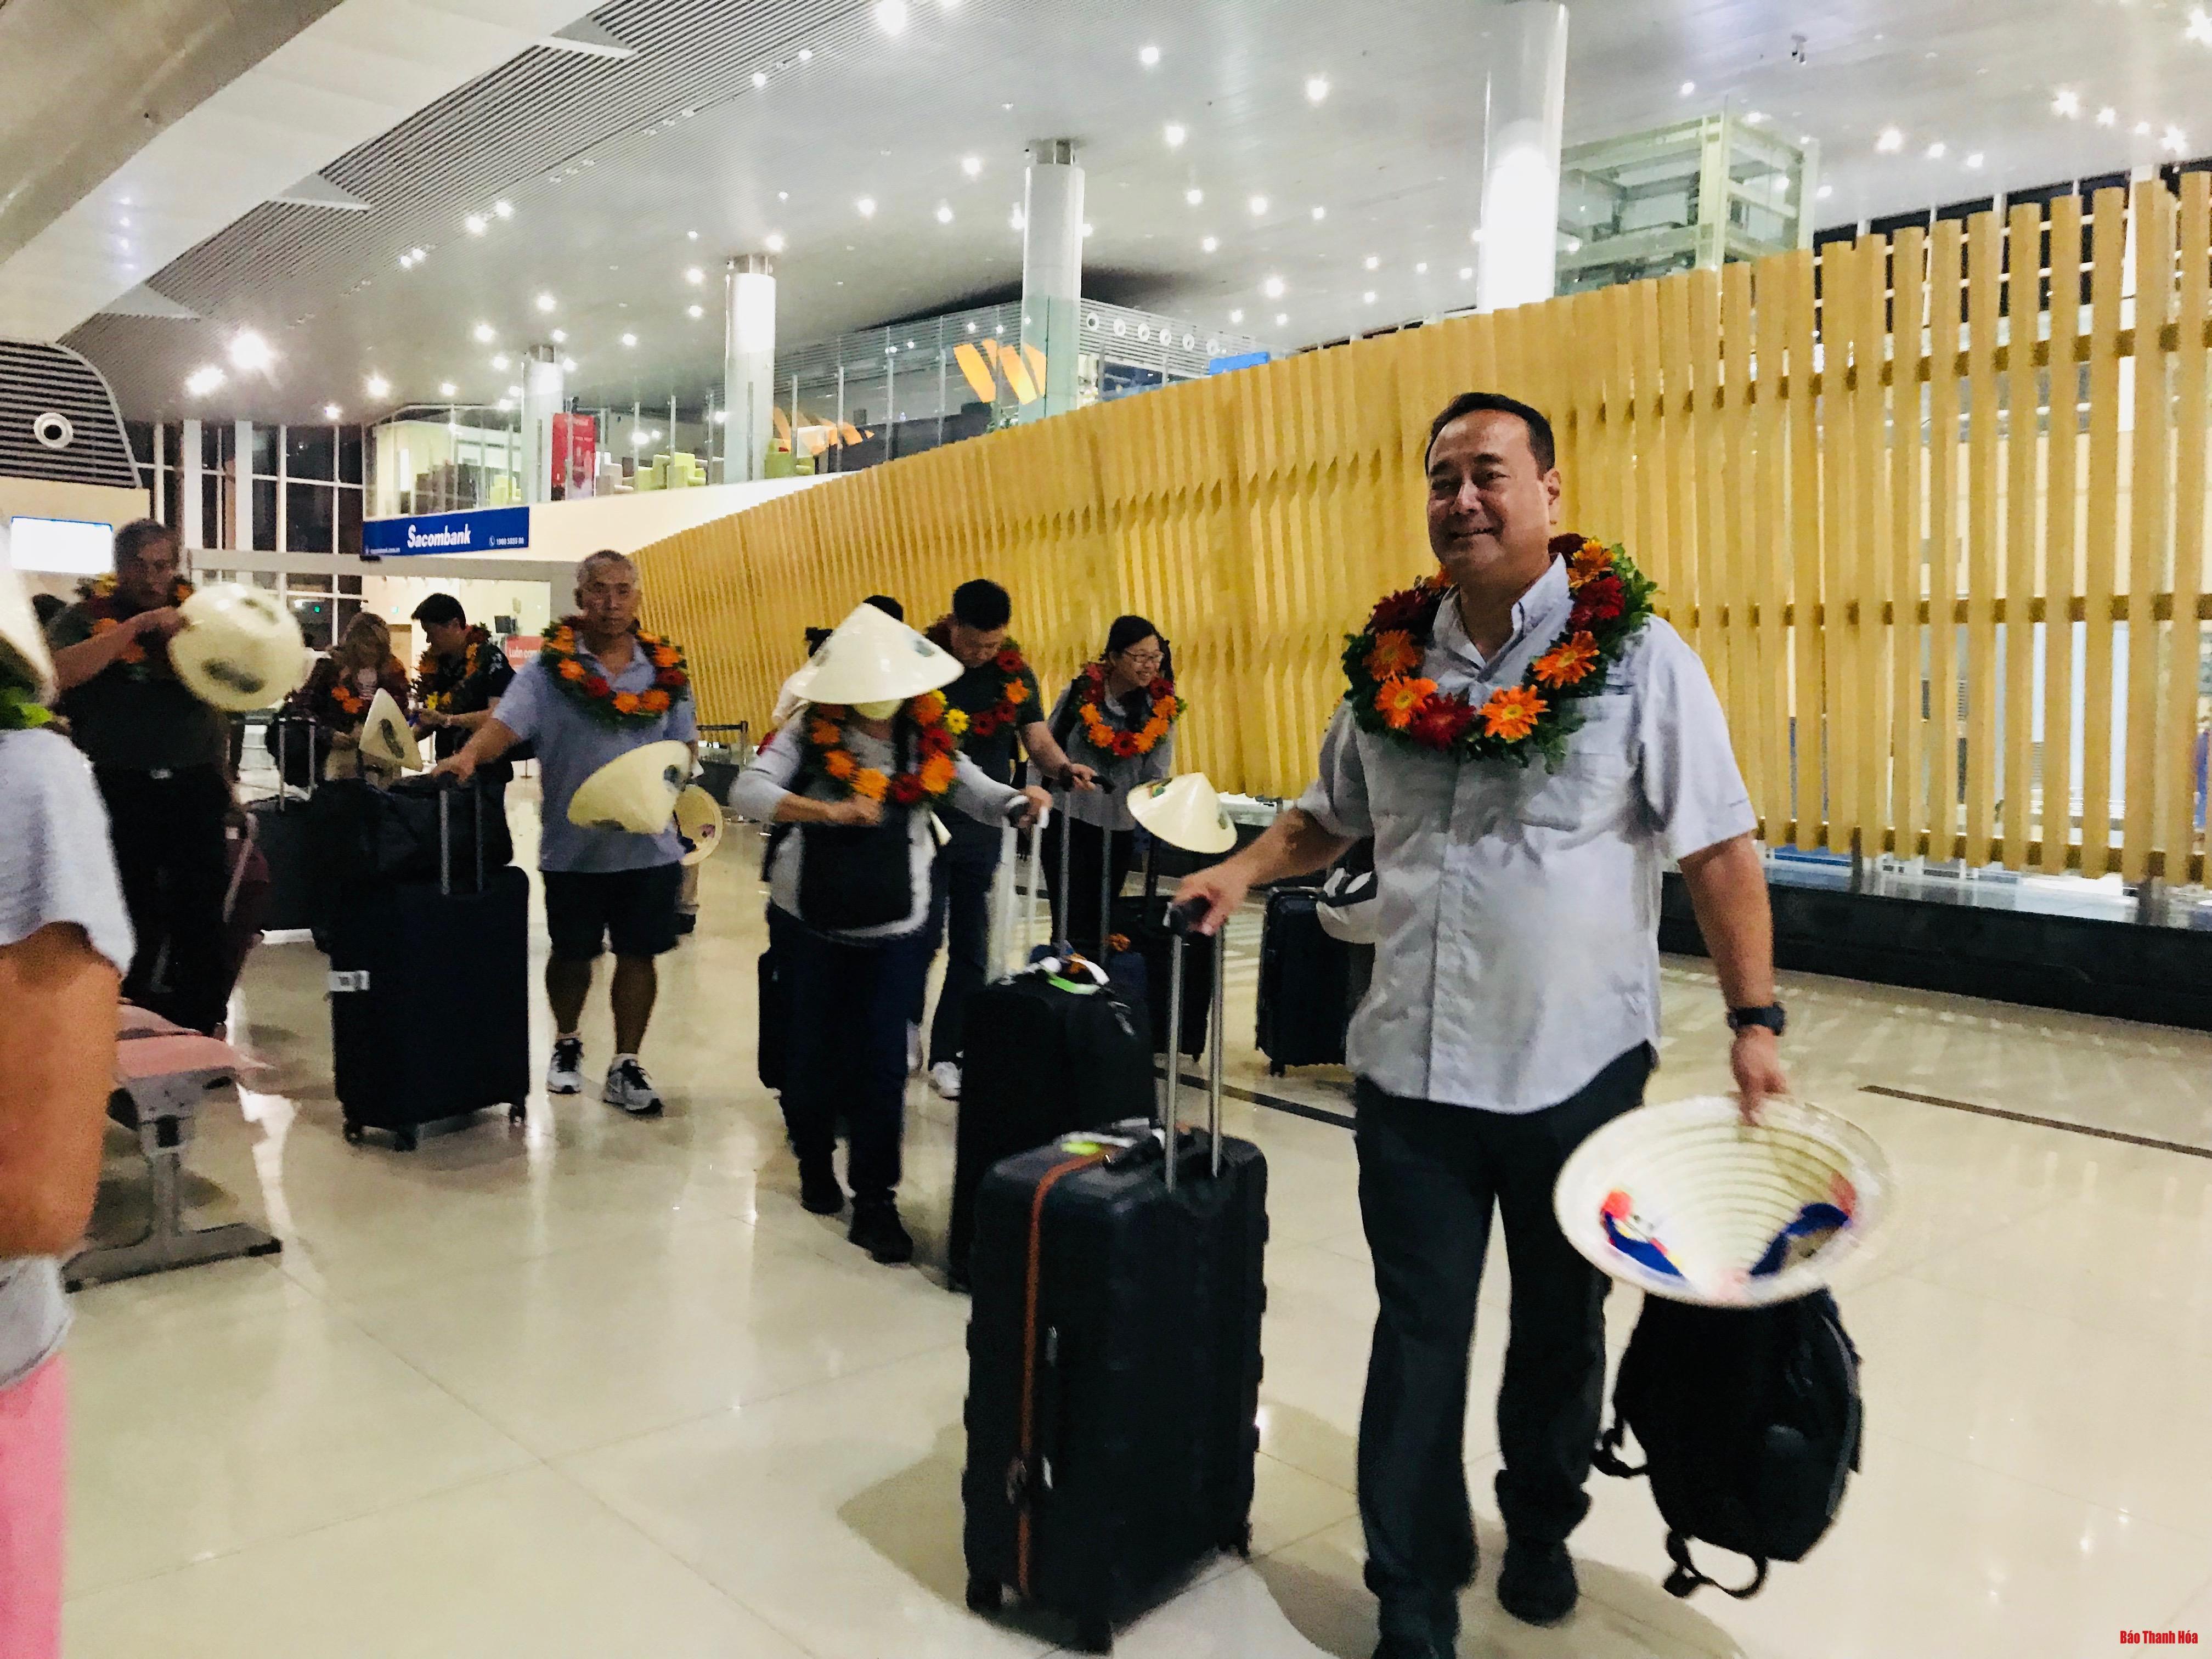 Đón đoàn khách du lịch từ Hoa Kỳ đến Thanh Hóa sau chương trình xúc tiến thương mại Ảnh 1